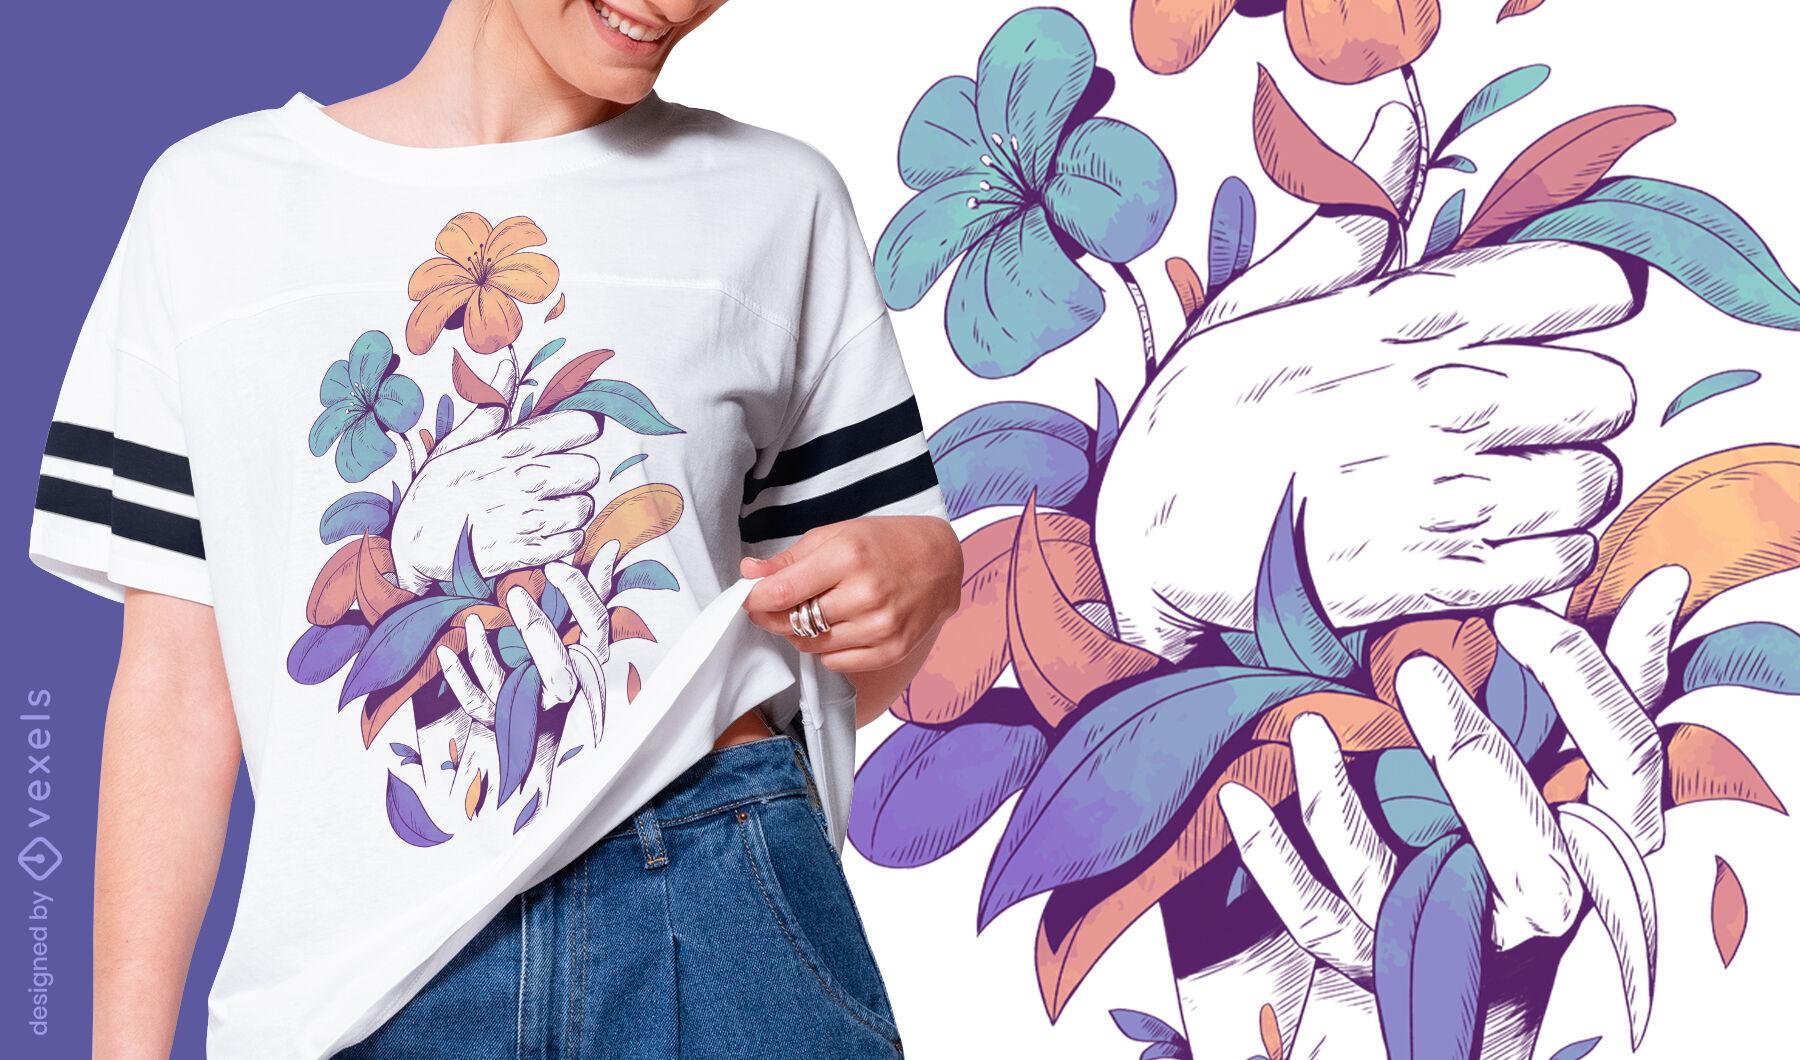 Manos sosteniendo flores y hojas diseño de camiseta psd